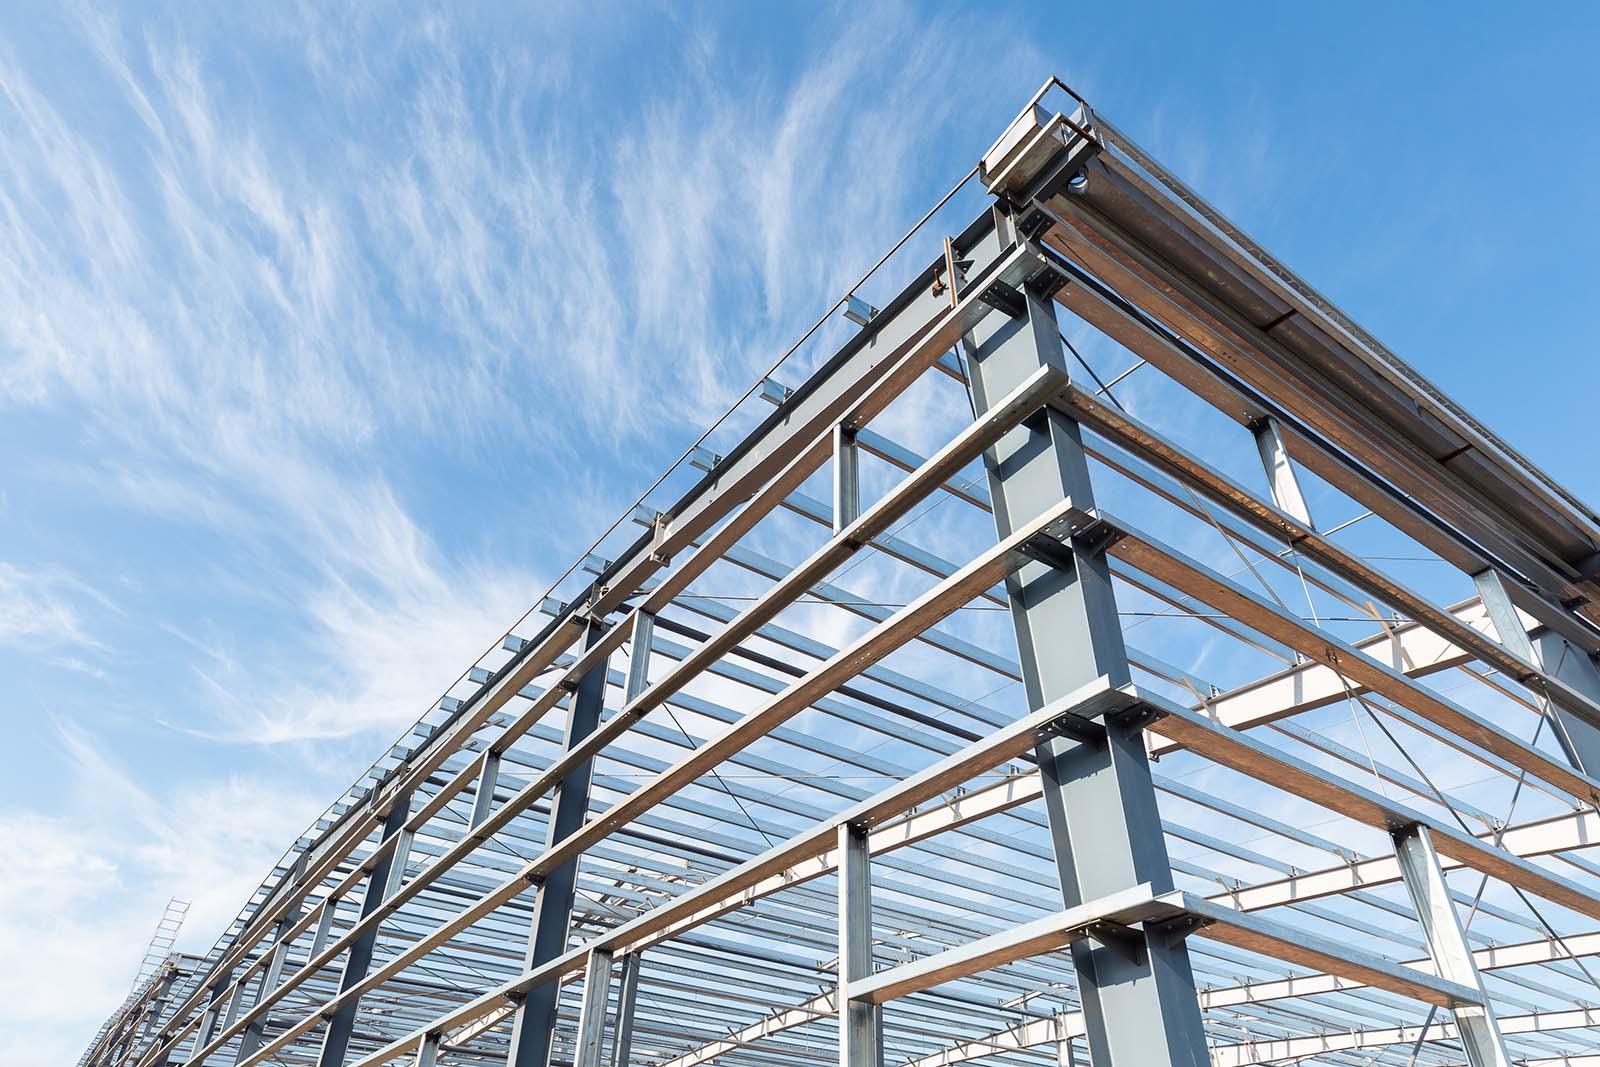 Vi har lång erfarenhet i stålbranschen och säljer stål i olika former, men också körplåtar i Uppsala.